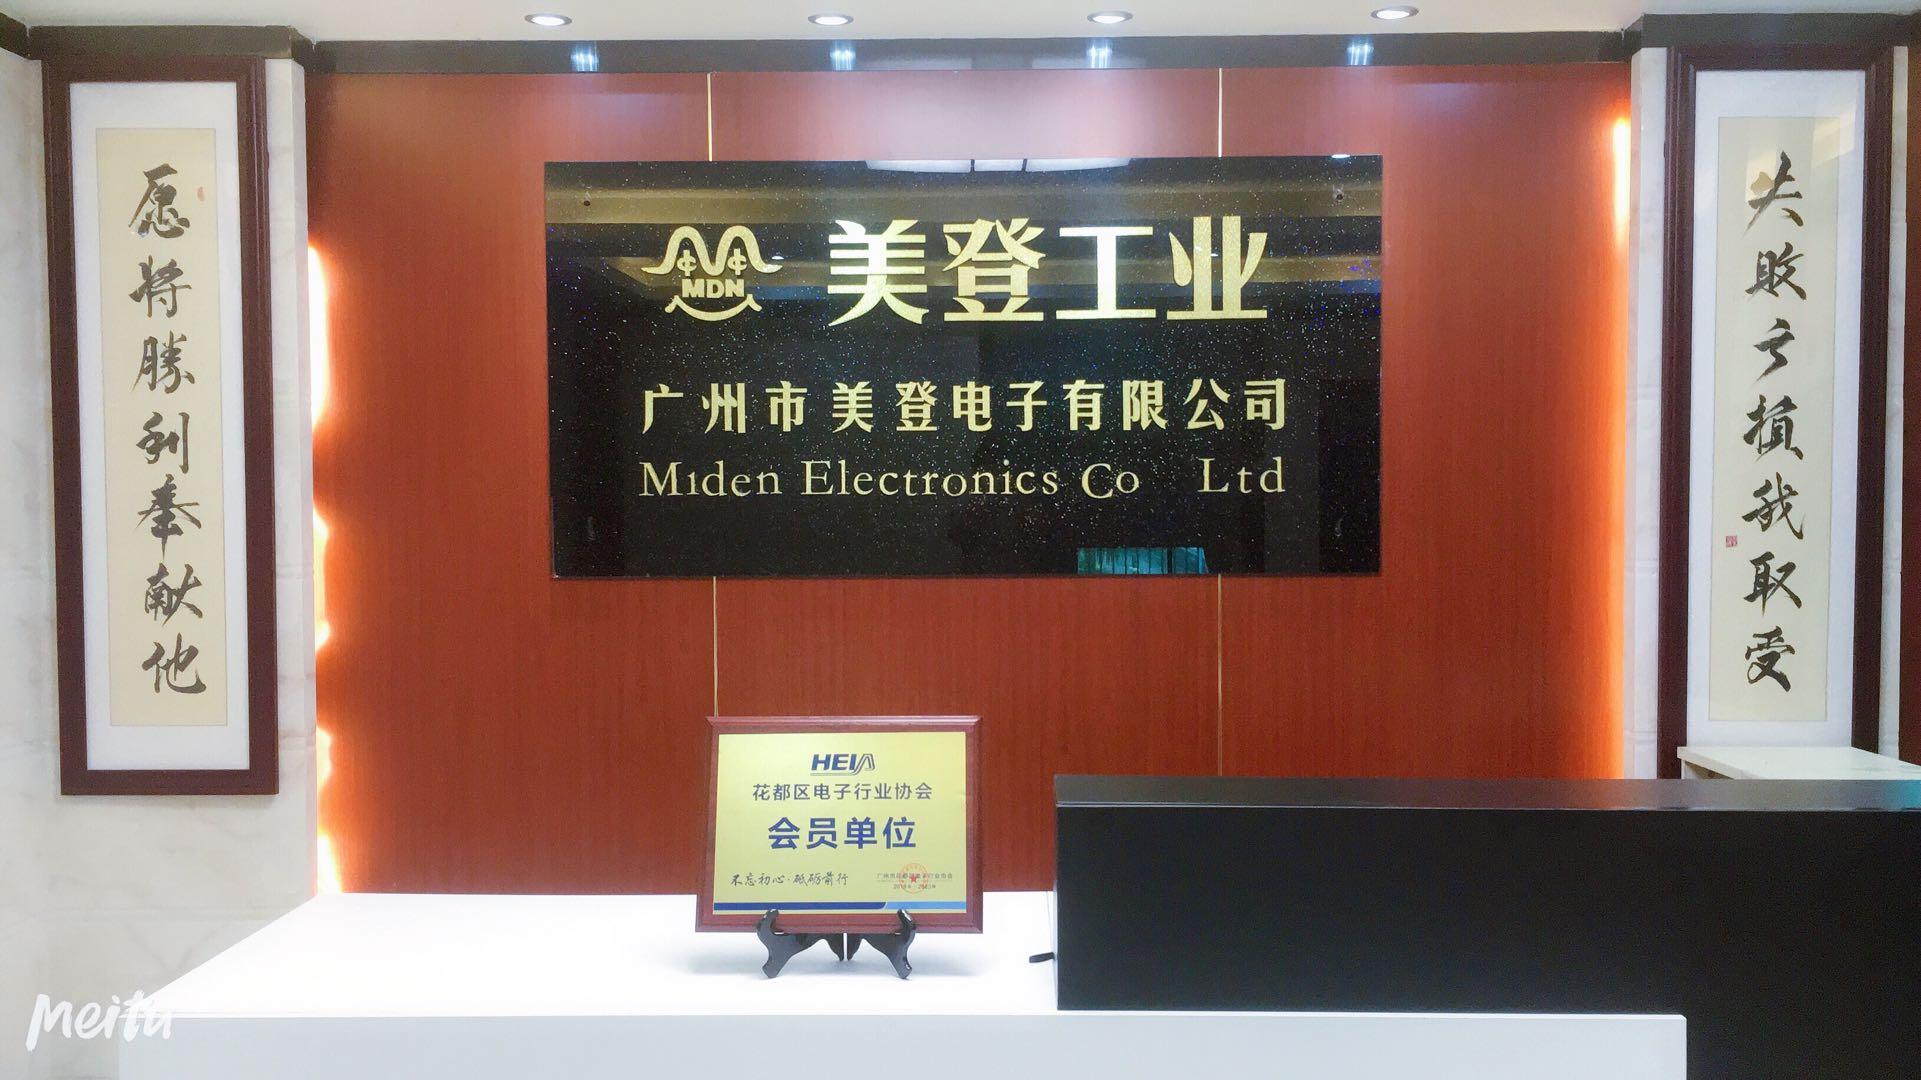 廣州市美登電子有限公司